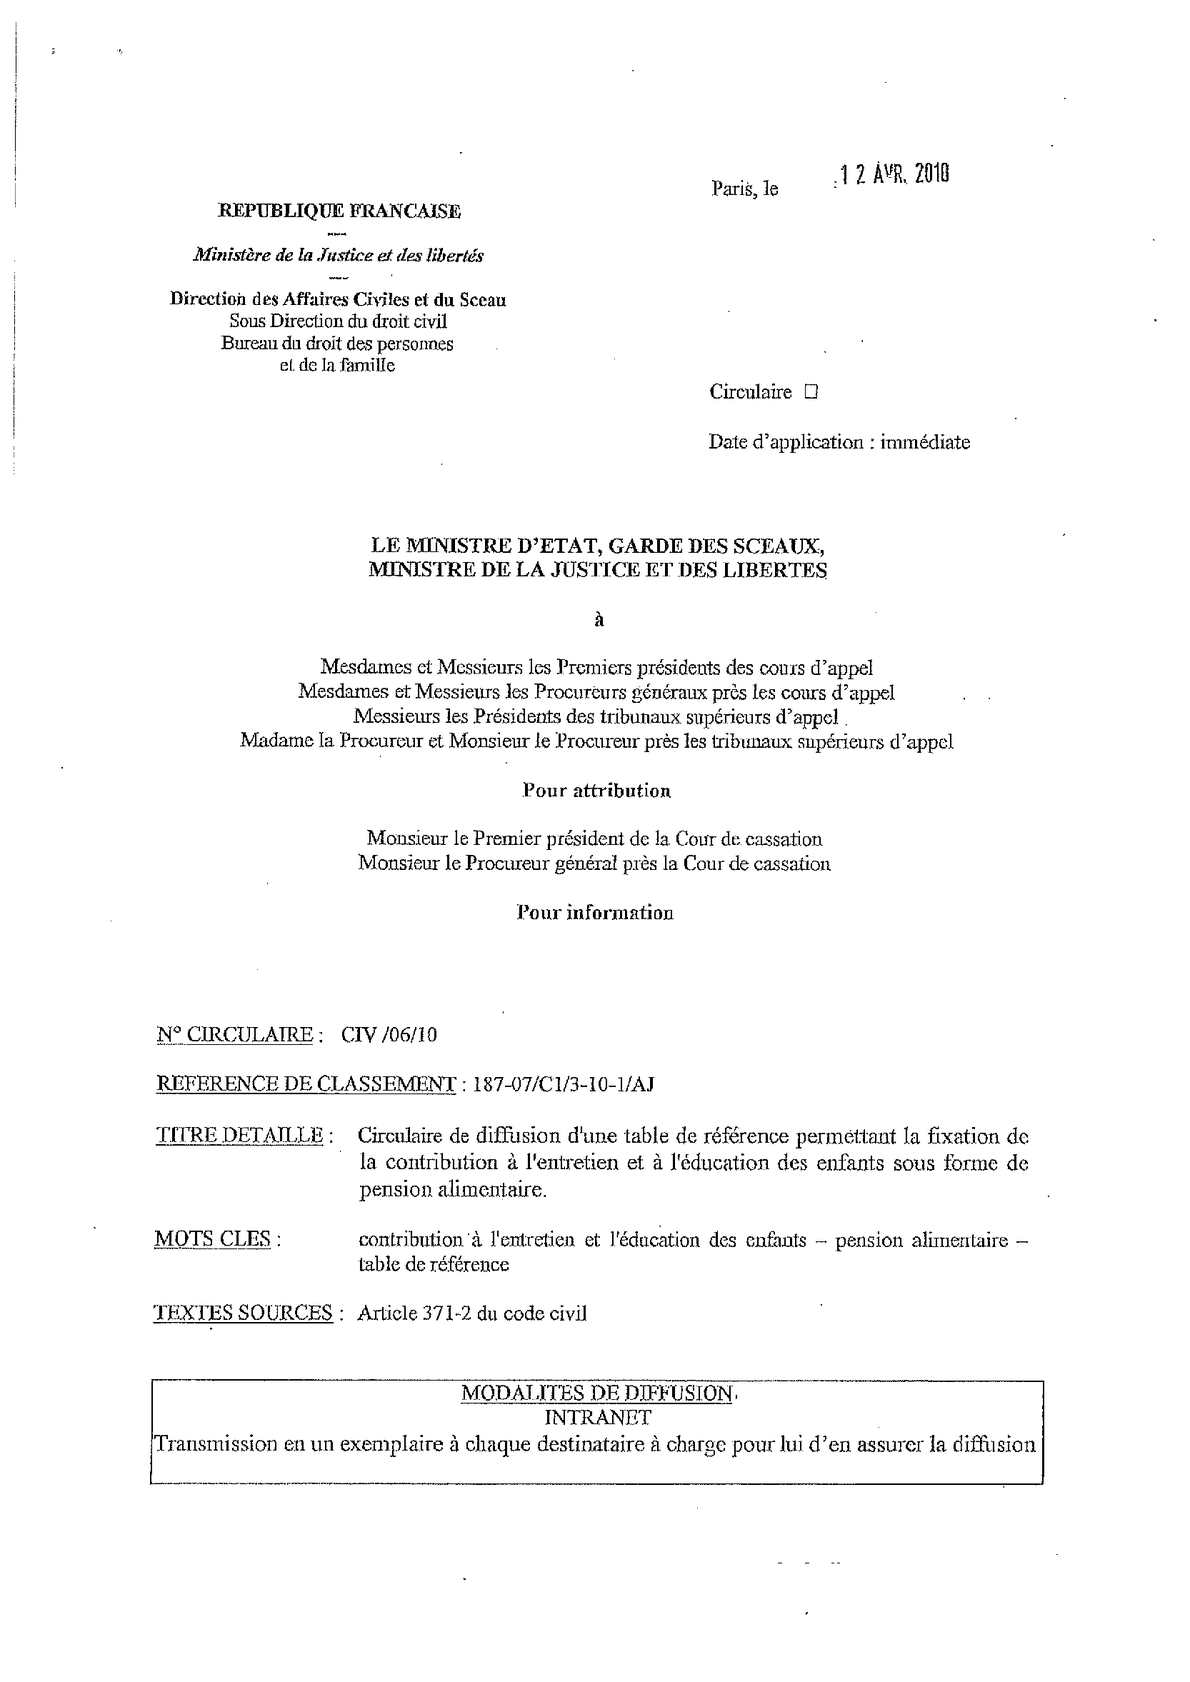 Calam o circulaire civ 06 10 du 12 avril 2010 table de reference calcul de la pension - Table pension alimentaire ...